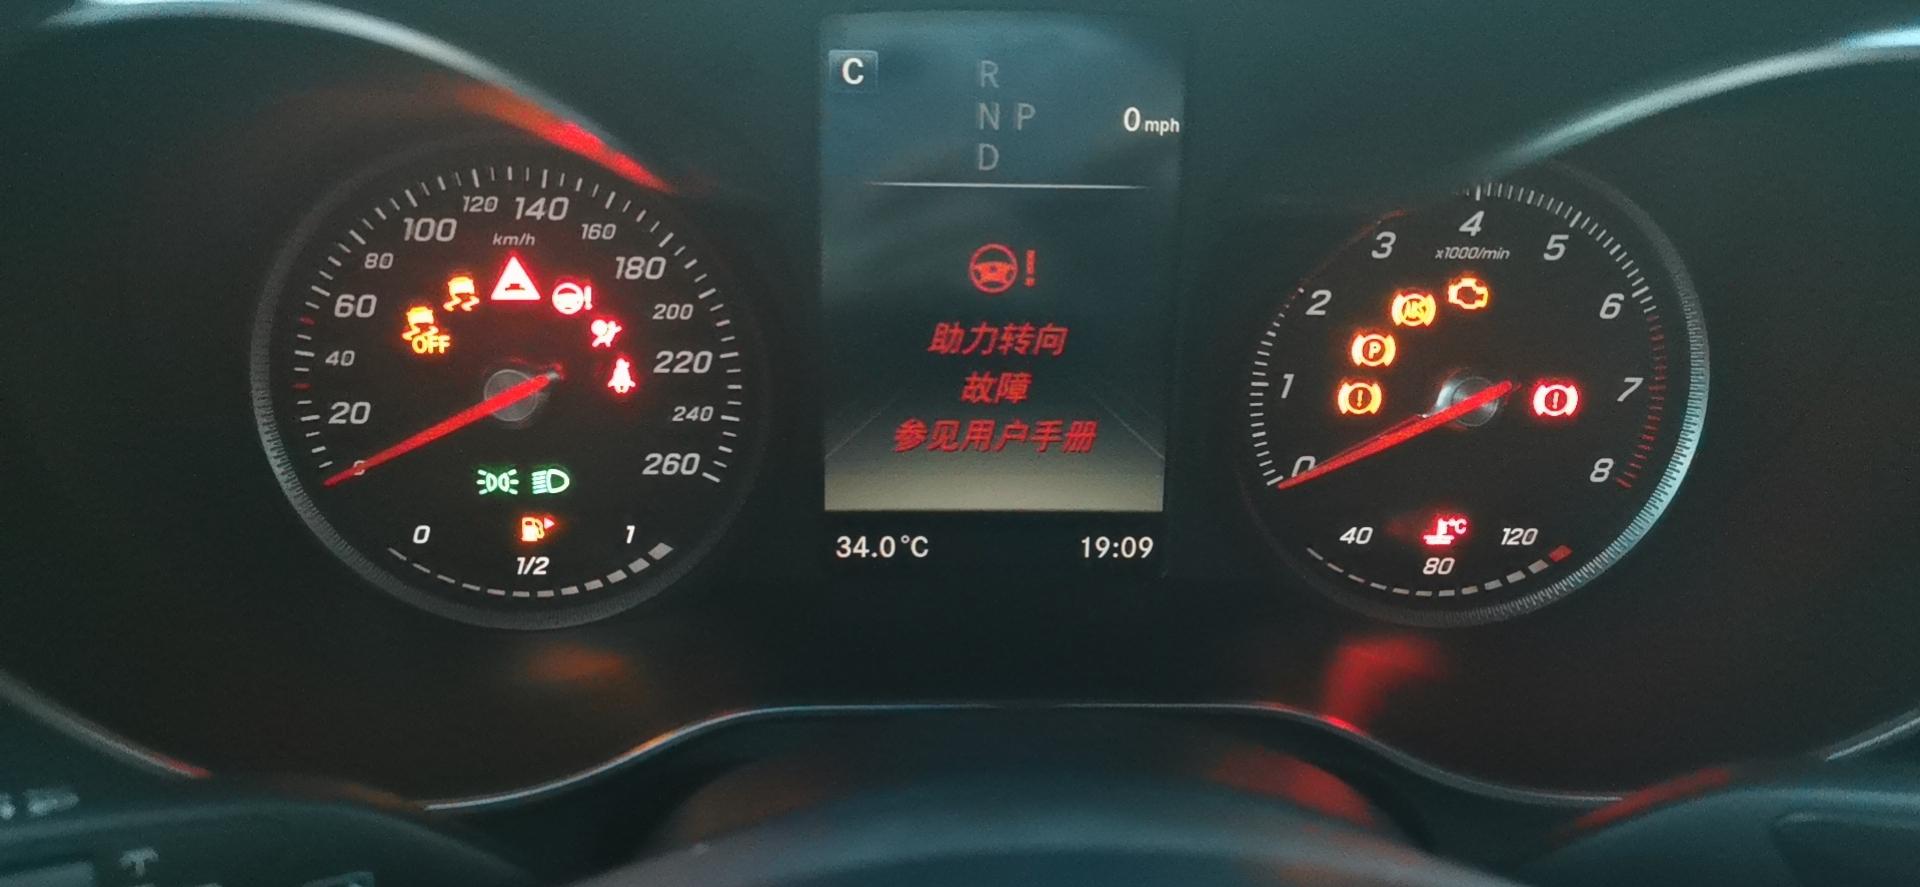 北京奔驰GLC车辆质保期内出现打不着火和方向盘跑偏等问题,要求4S店给予有效的解决方案来维修